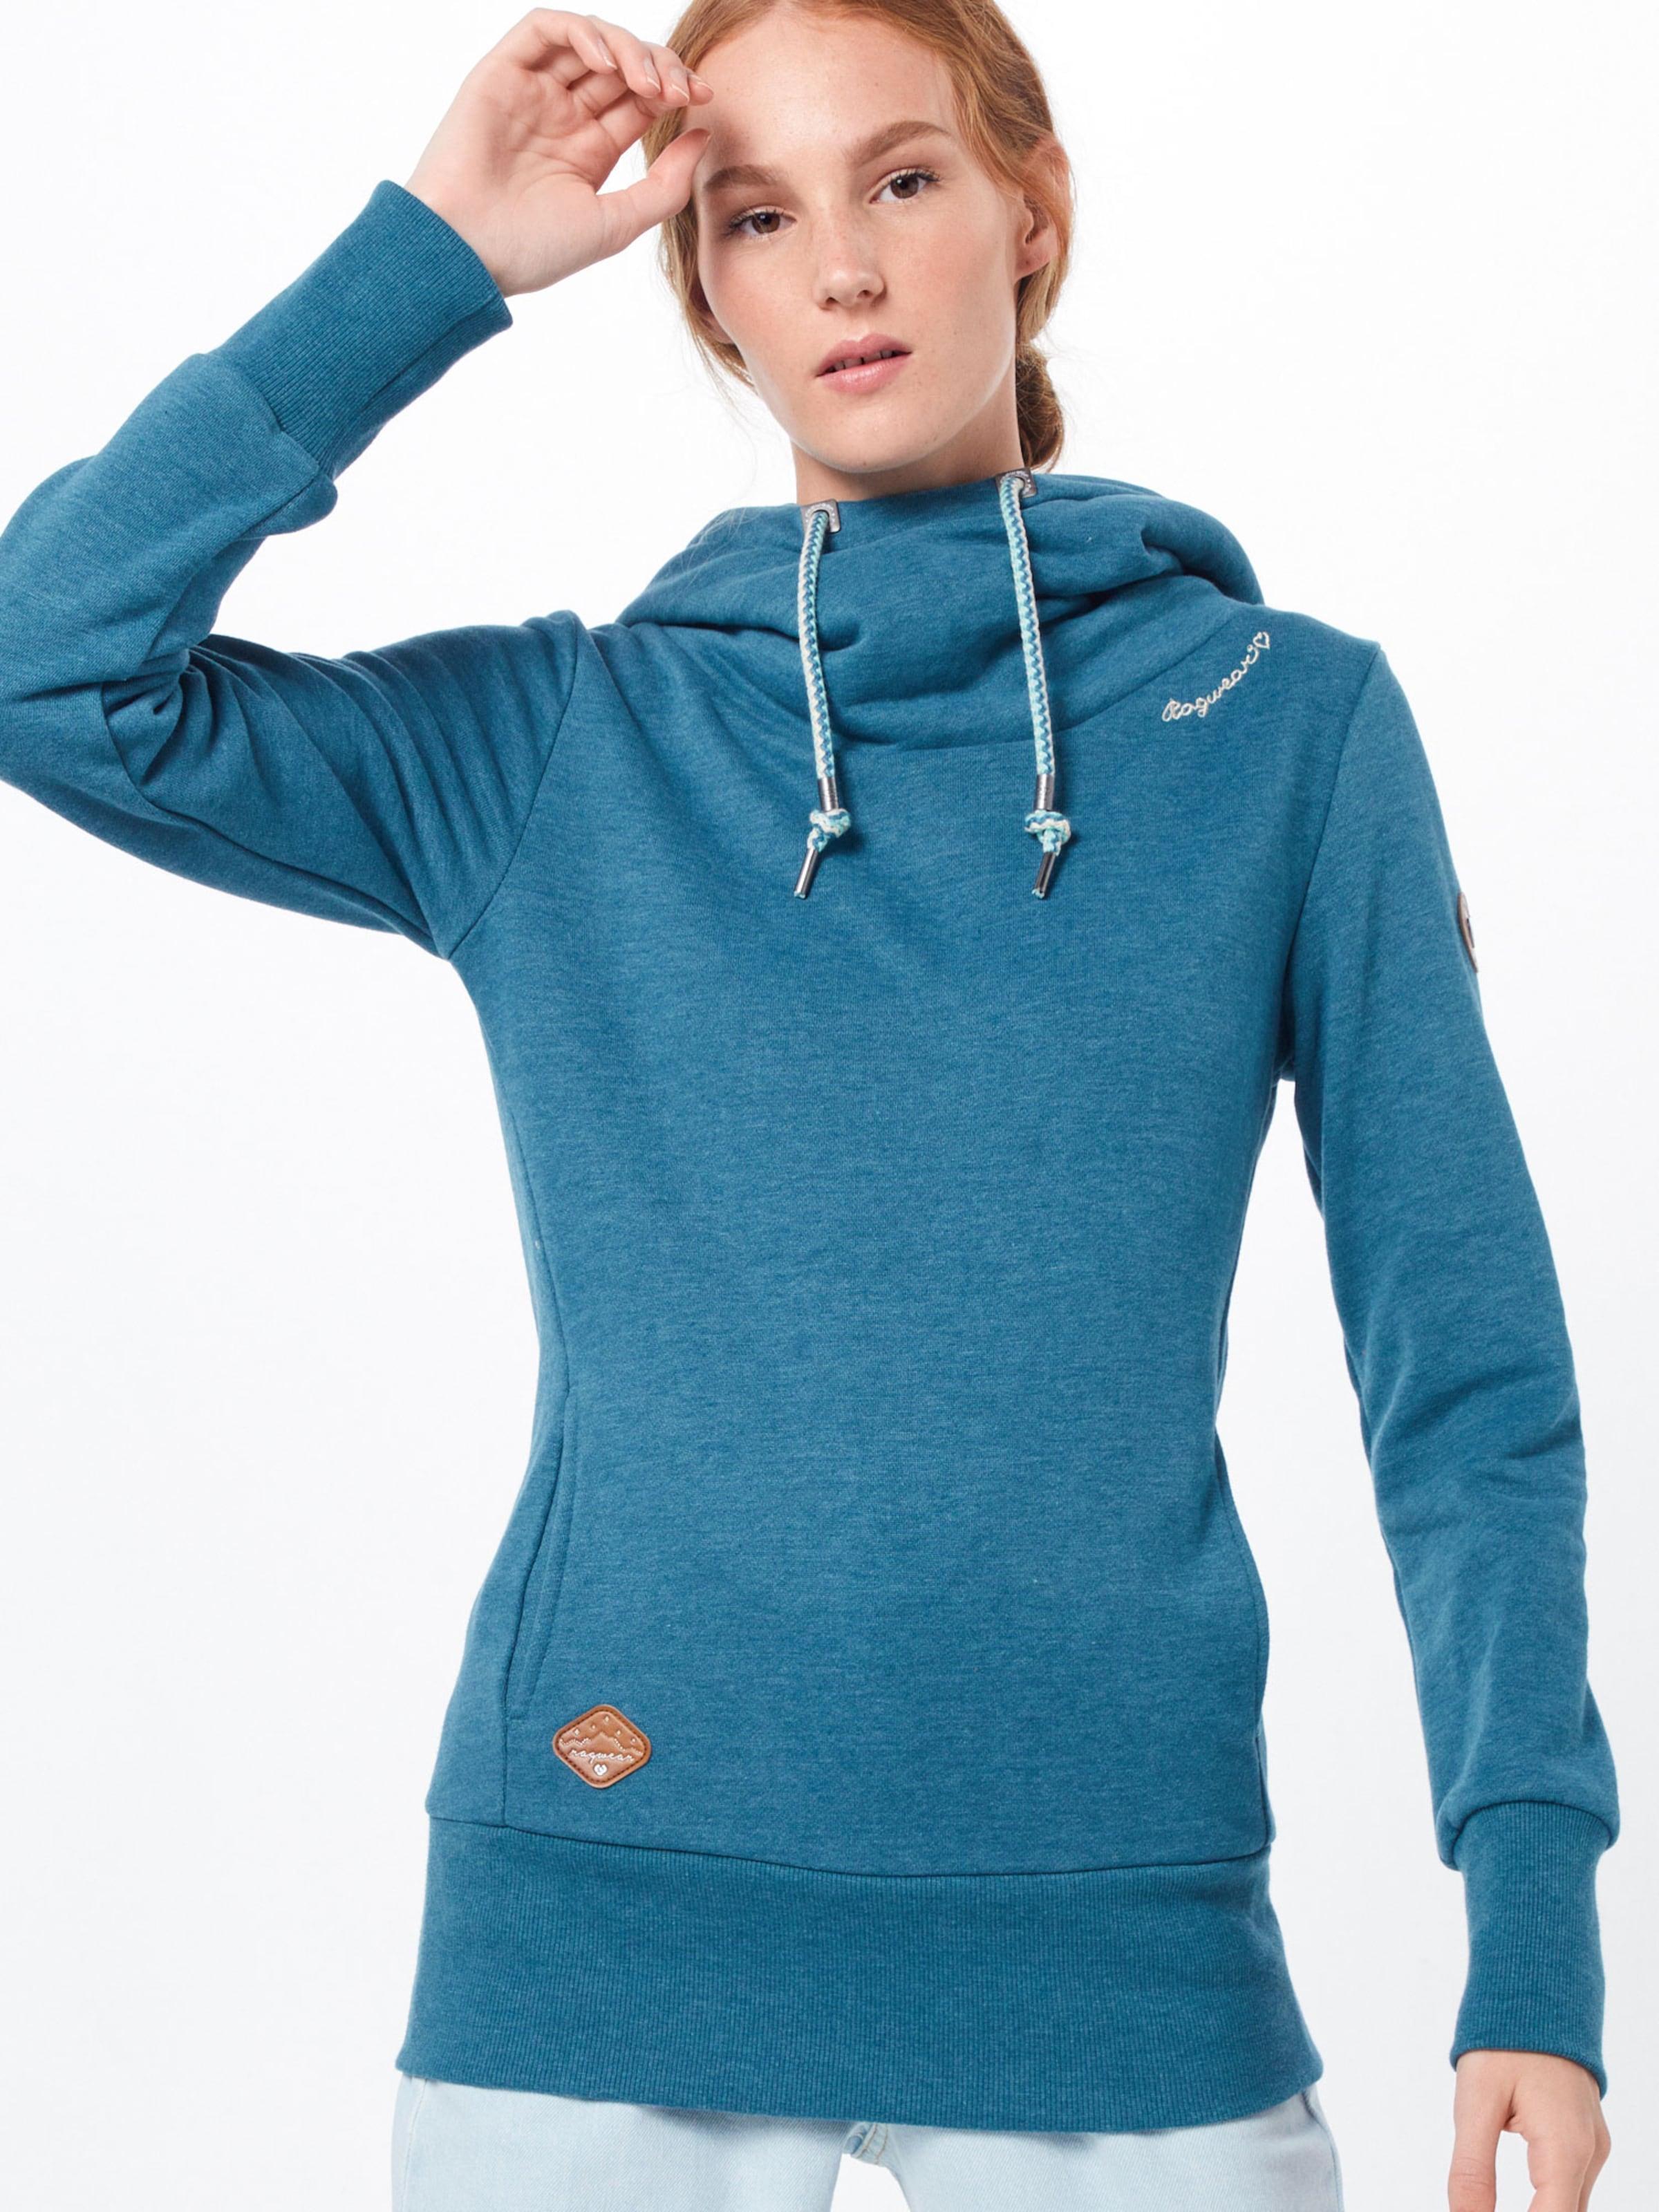 Sweat Ragwear 'yoda' En Turquoise shirt Nk0wX8nPO